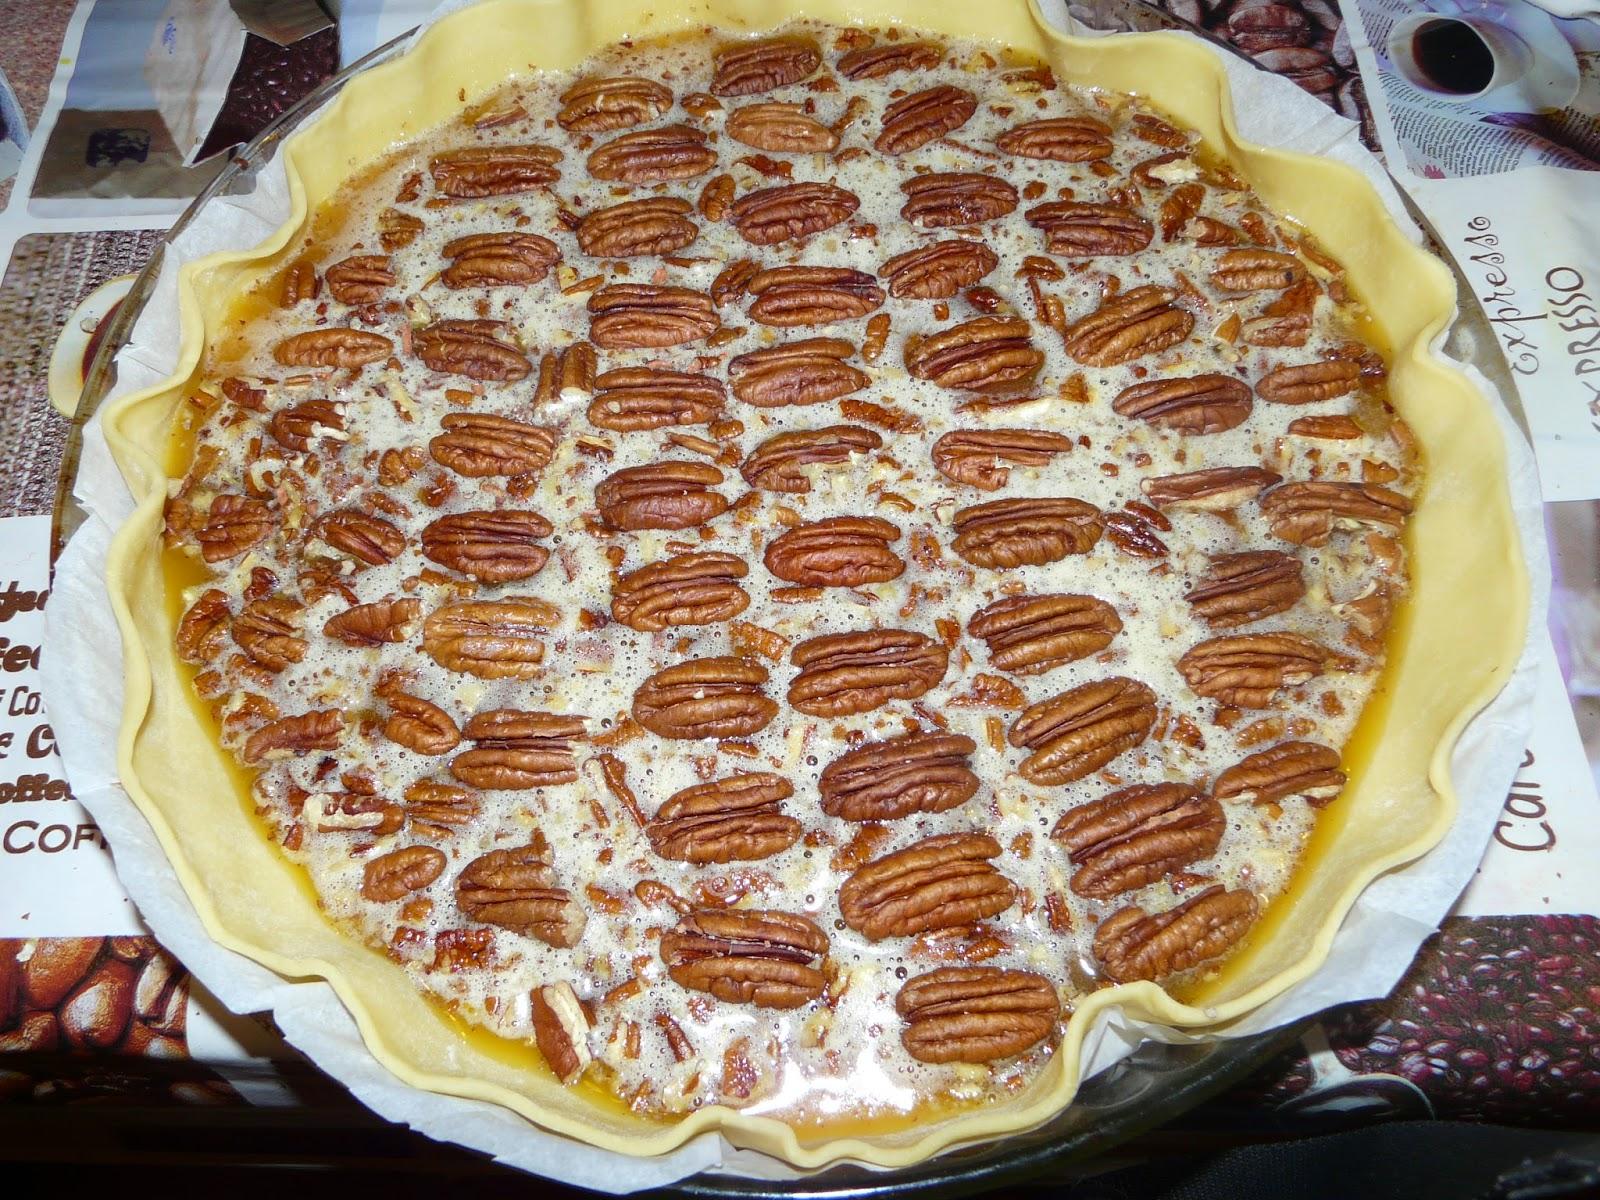 pecan pie de thanksgiving la tarte aux noix de p can des us. Black Bedroom Furniture Sets. Home Design Ideas